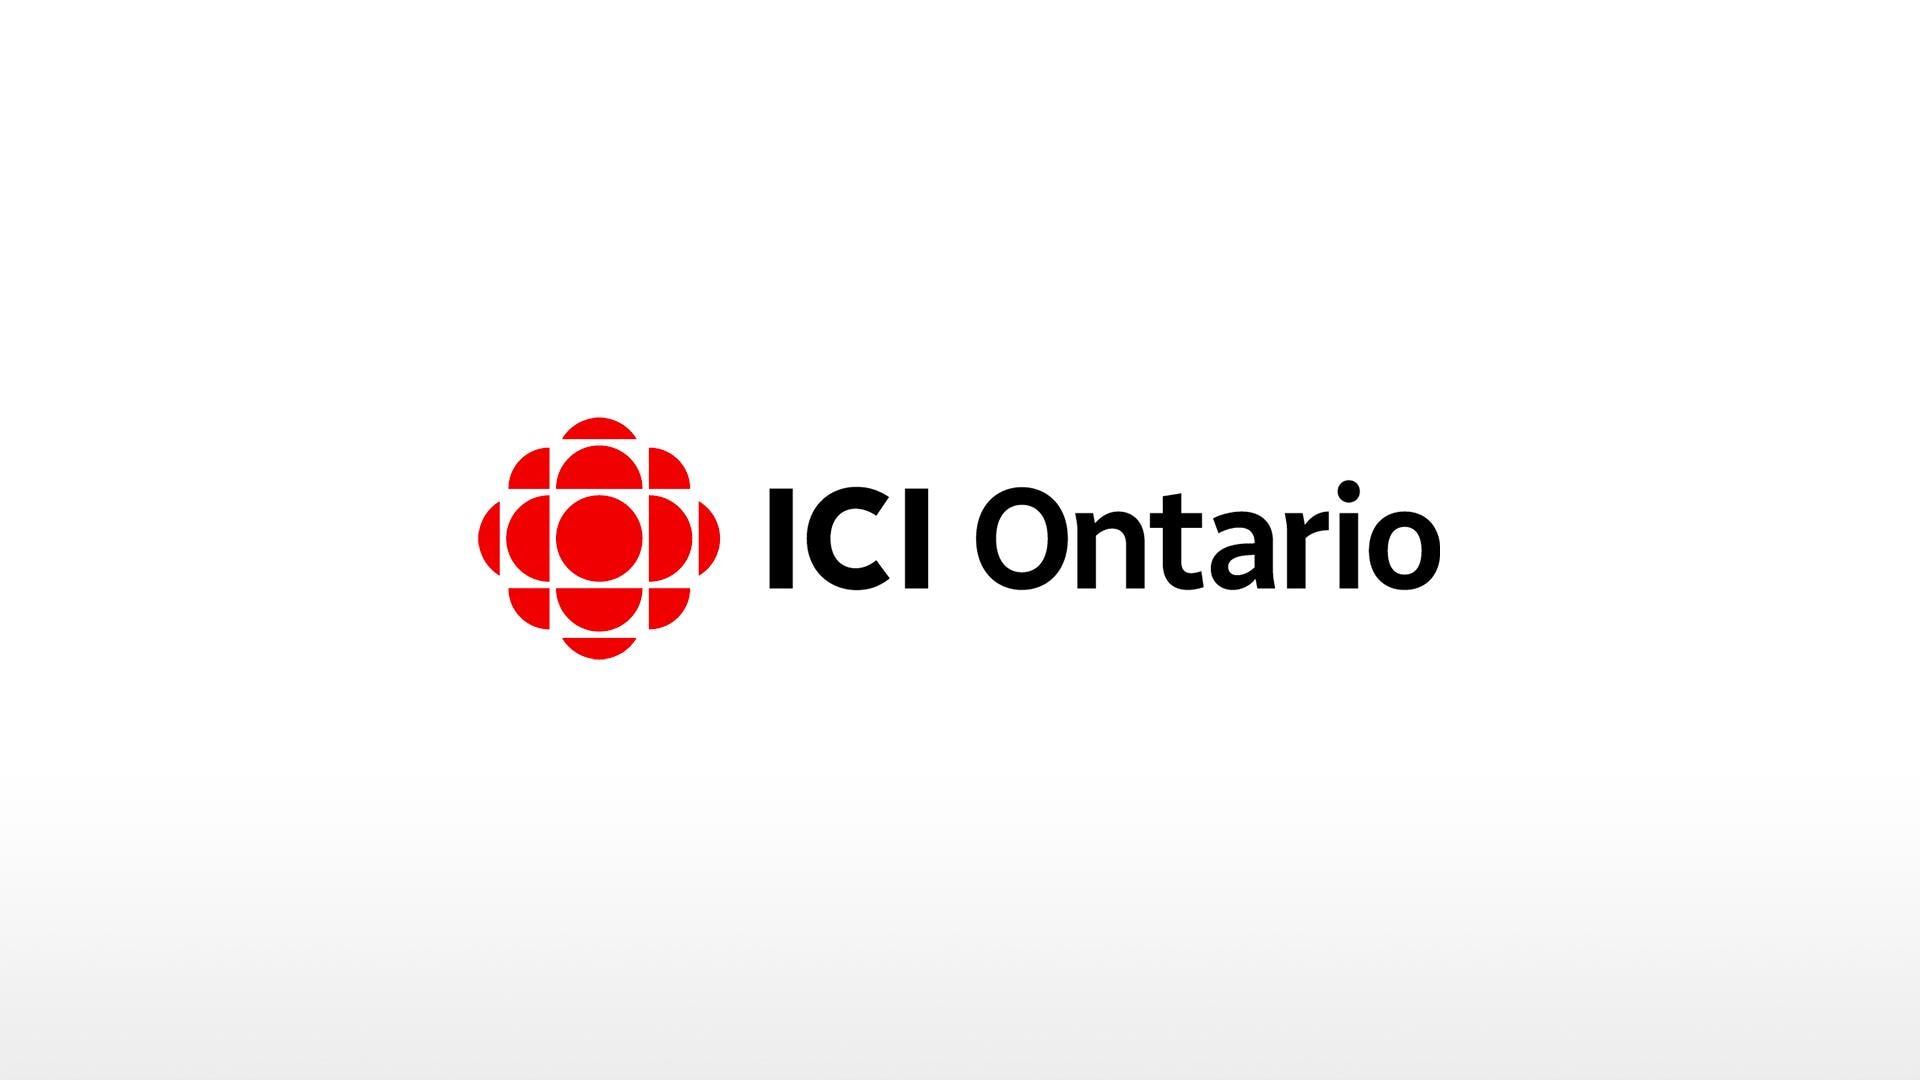 Abonnez-vous pour recevoir chaque jour vos nouvelles régionales d'ICI Ontario.